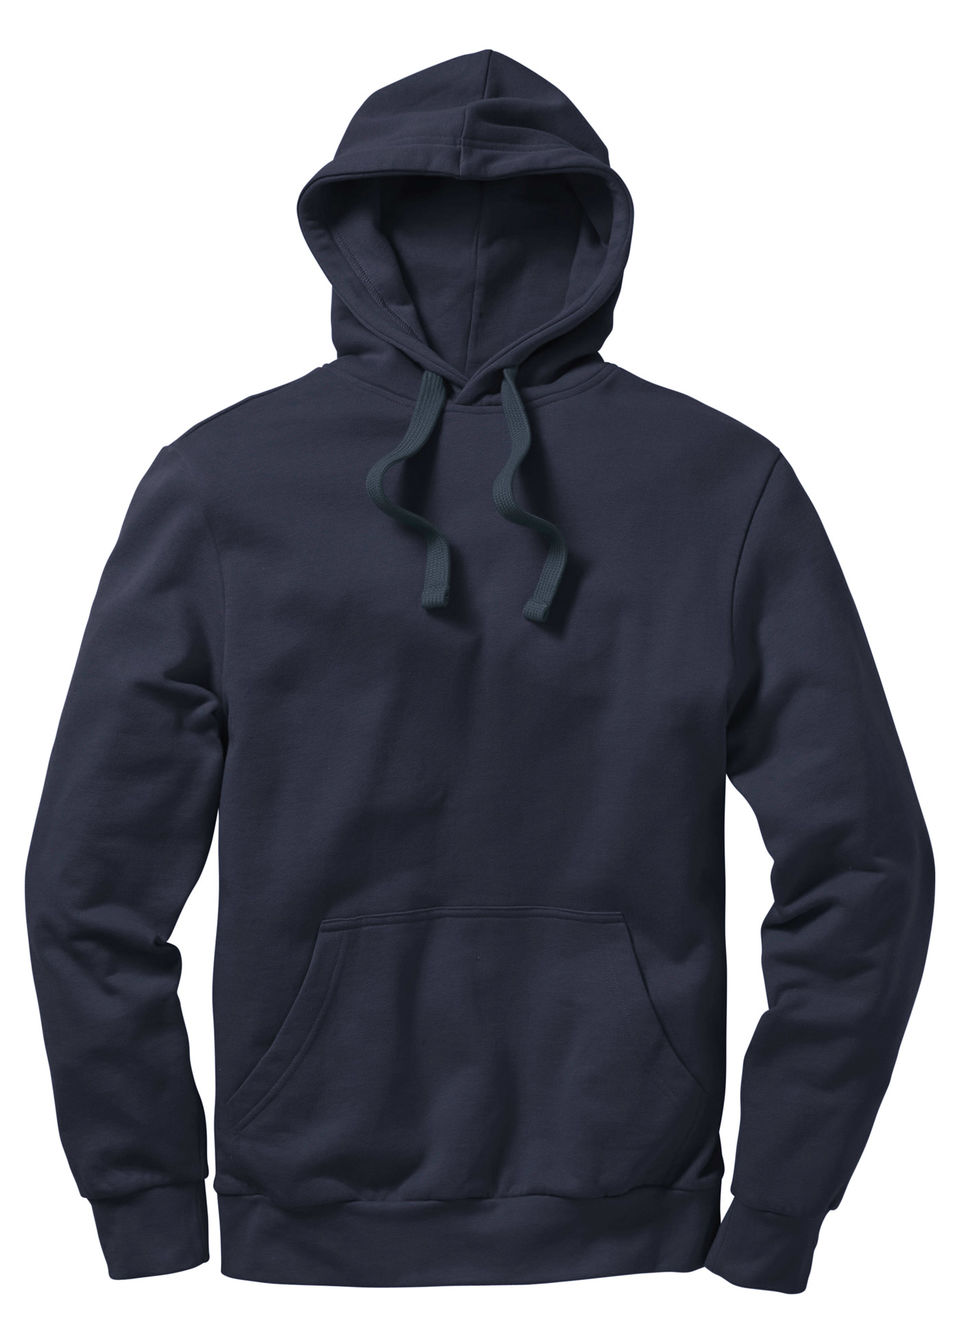 bluzy, bluzy z kapturem bluza z kapturem regular fit bonprix granatowy - bonprix